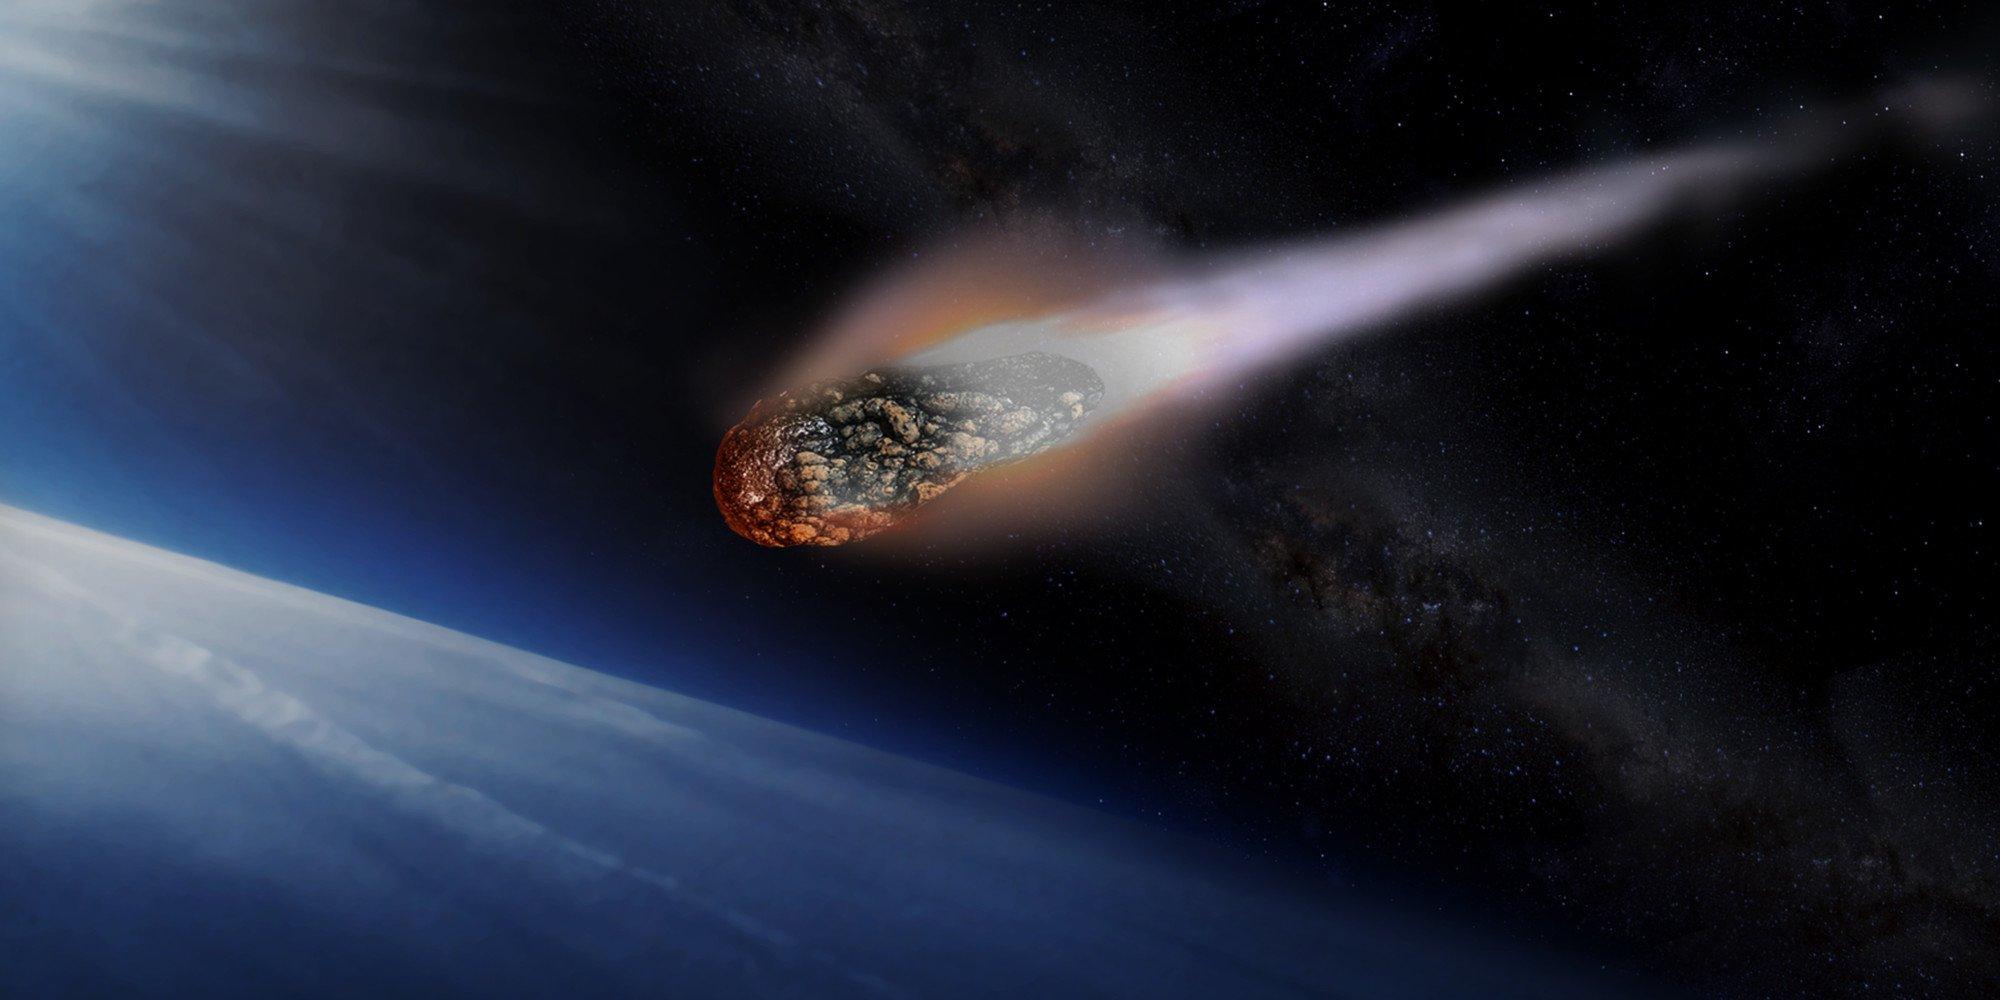 Un énorme météore traverse le ciel du Midwest américain (vidéo)